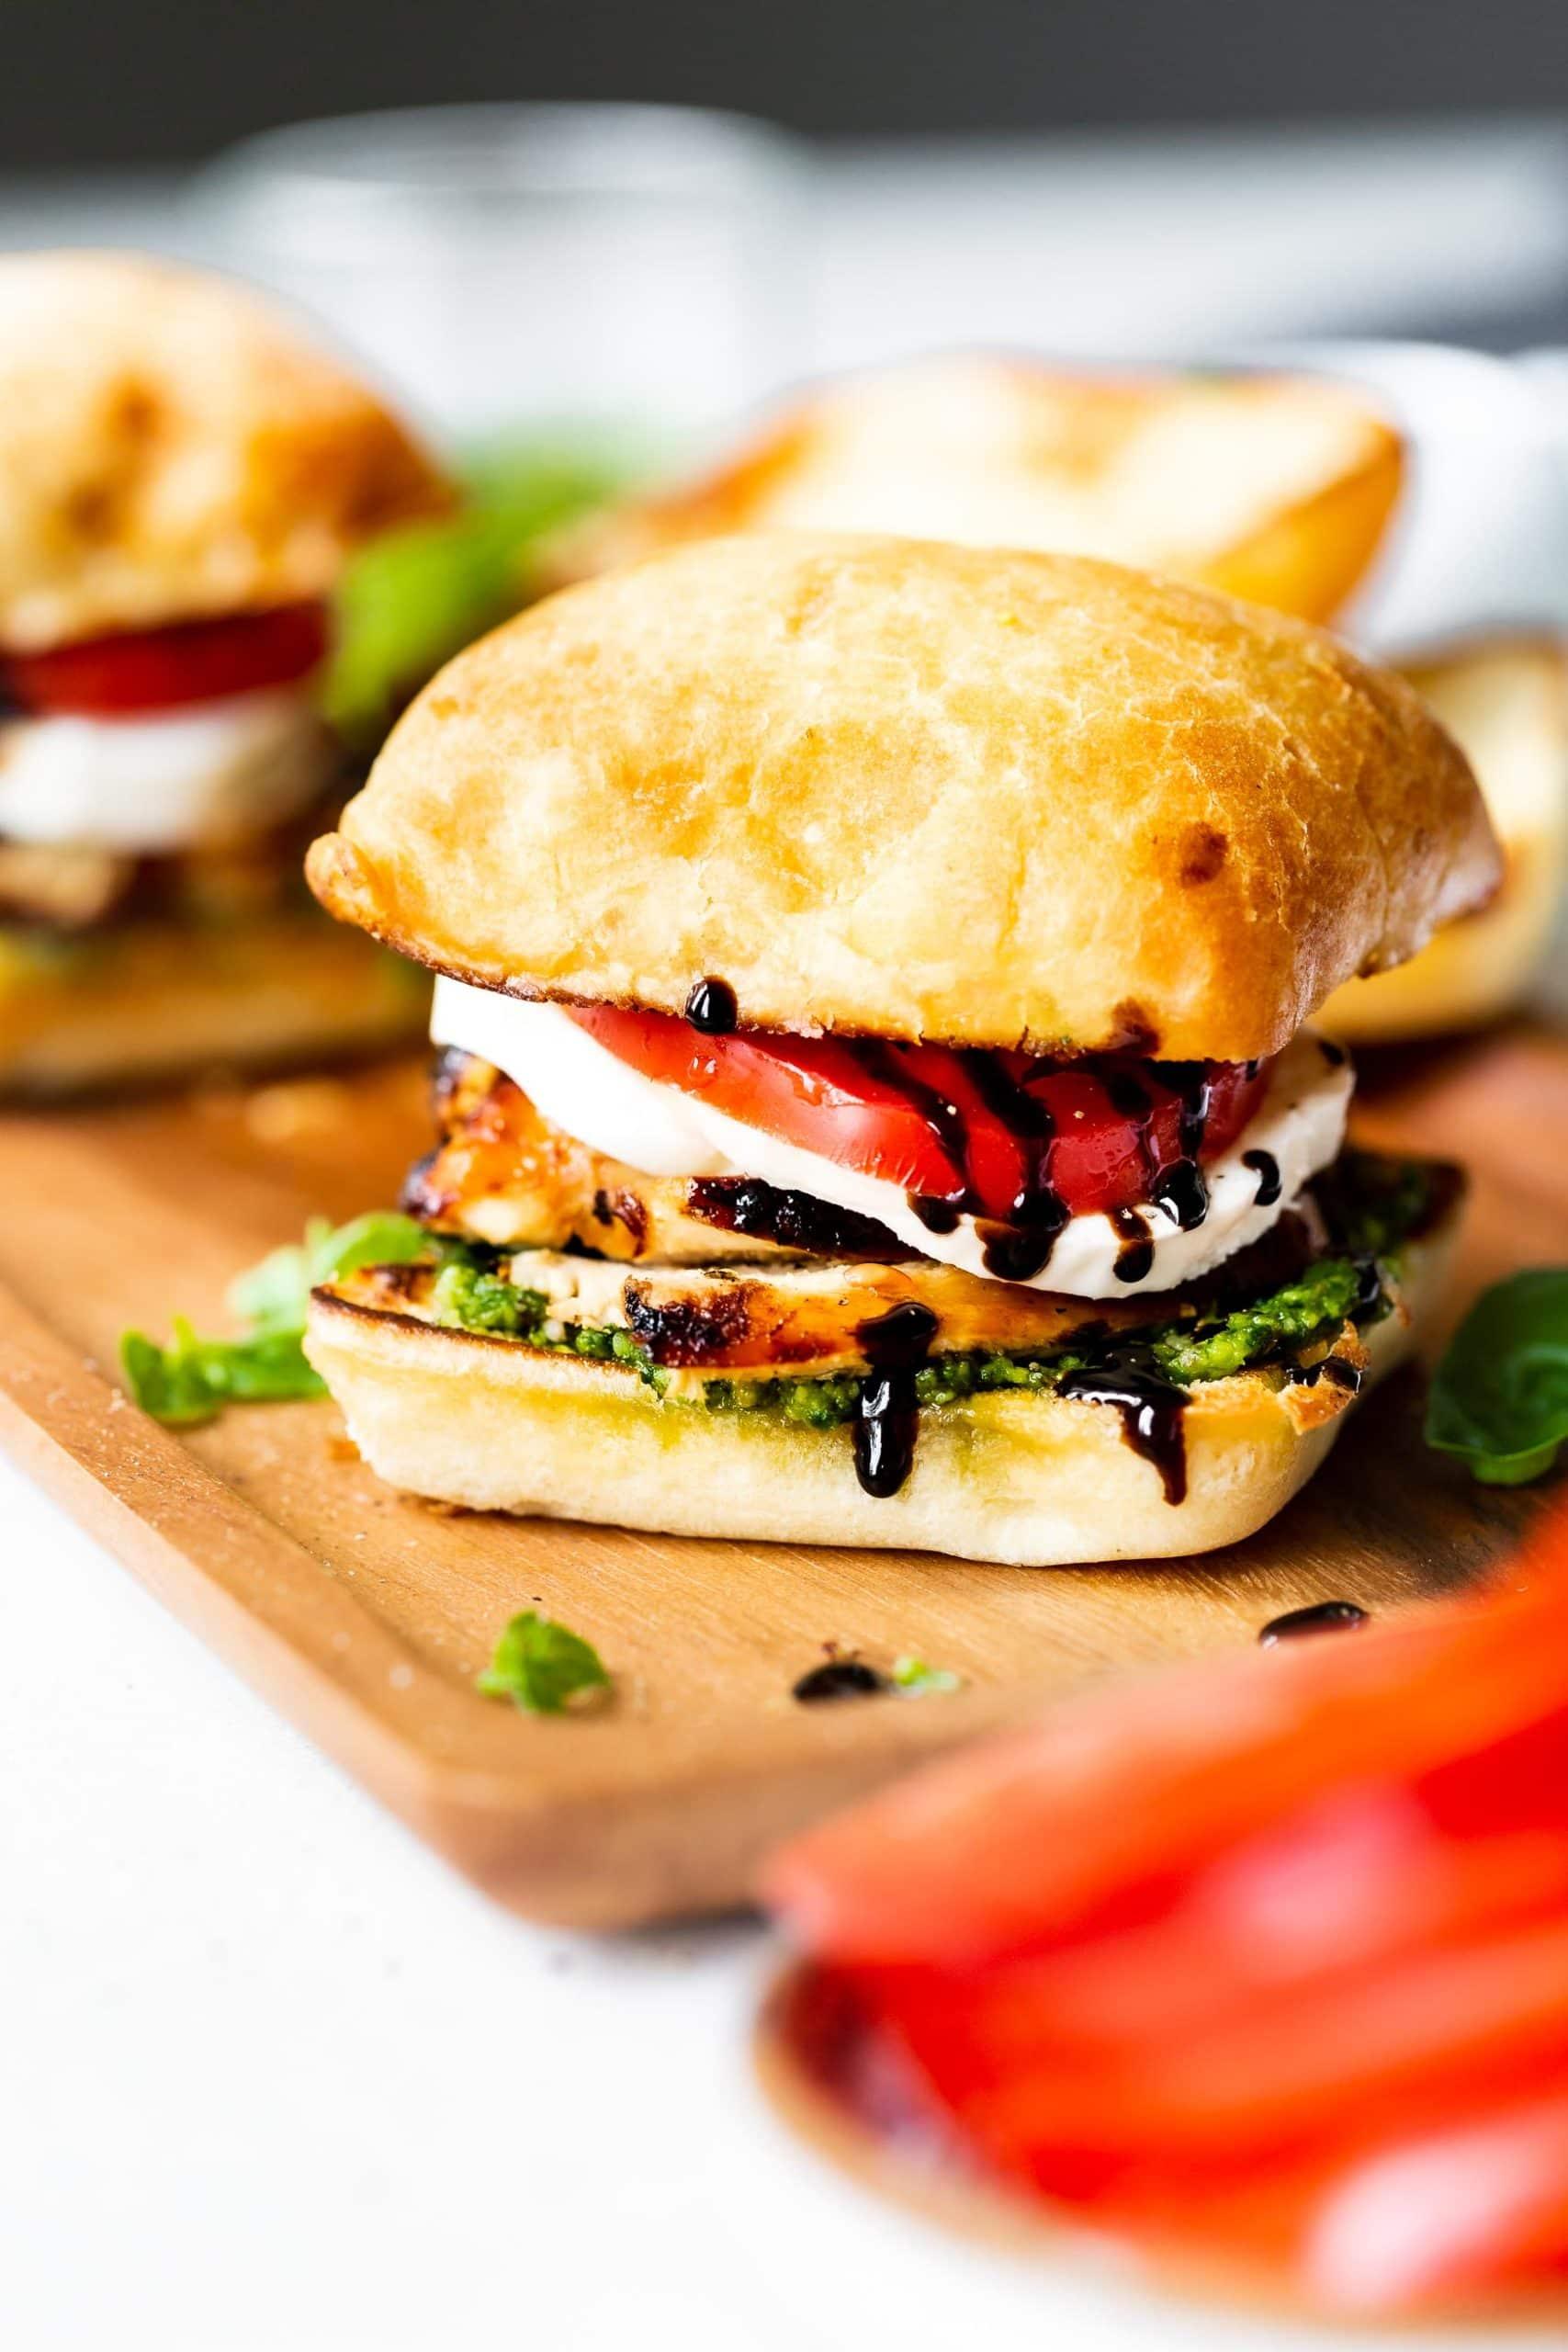 a photo of a chicken caprese sandwich on a ciabatta roll with a layer of pesto, chicken, fresh mozzarella, tomato and balsamic glaze.